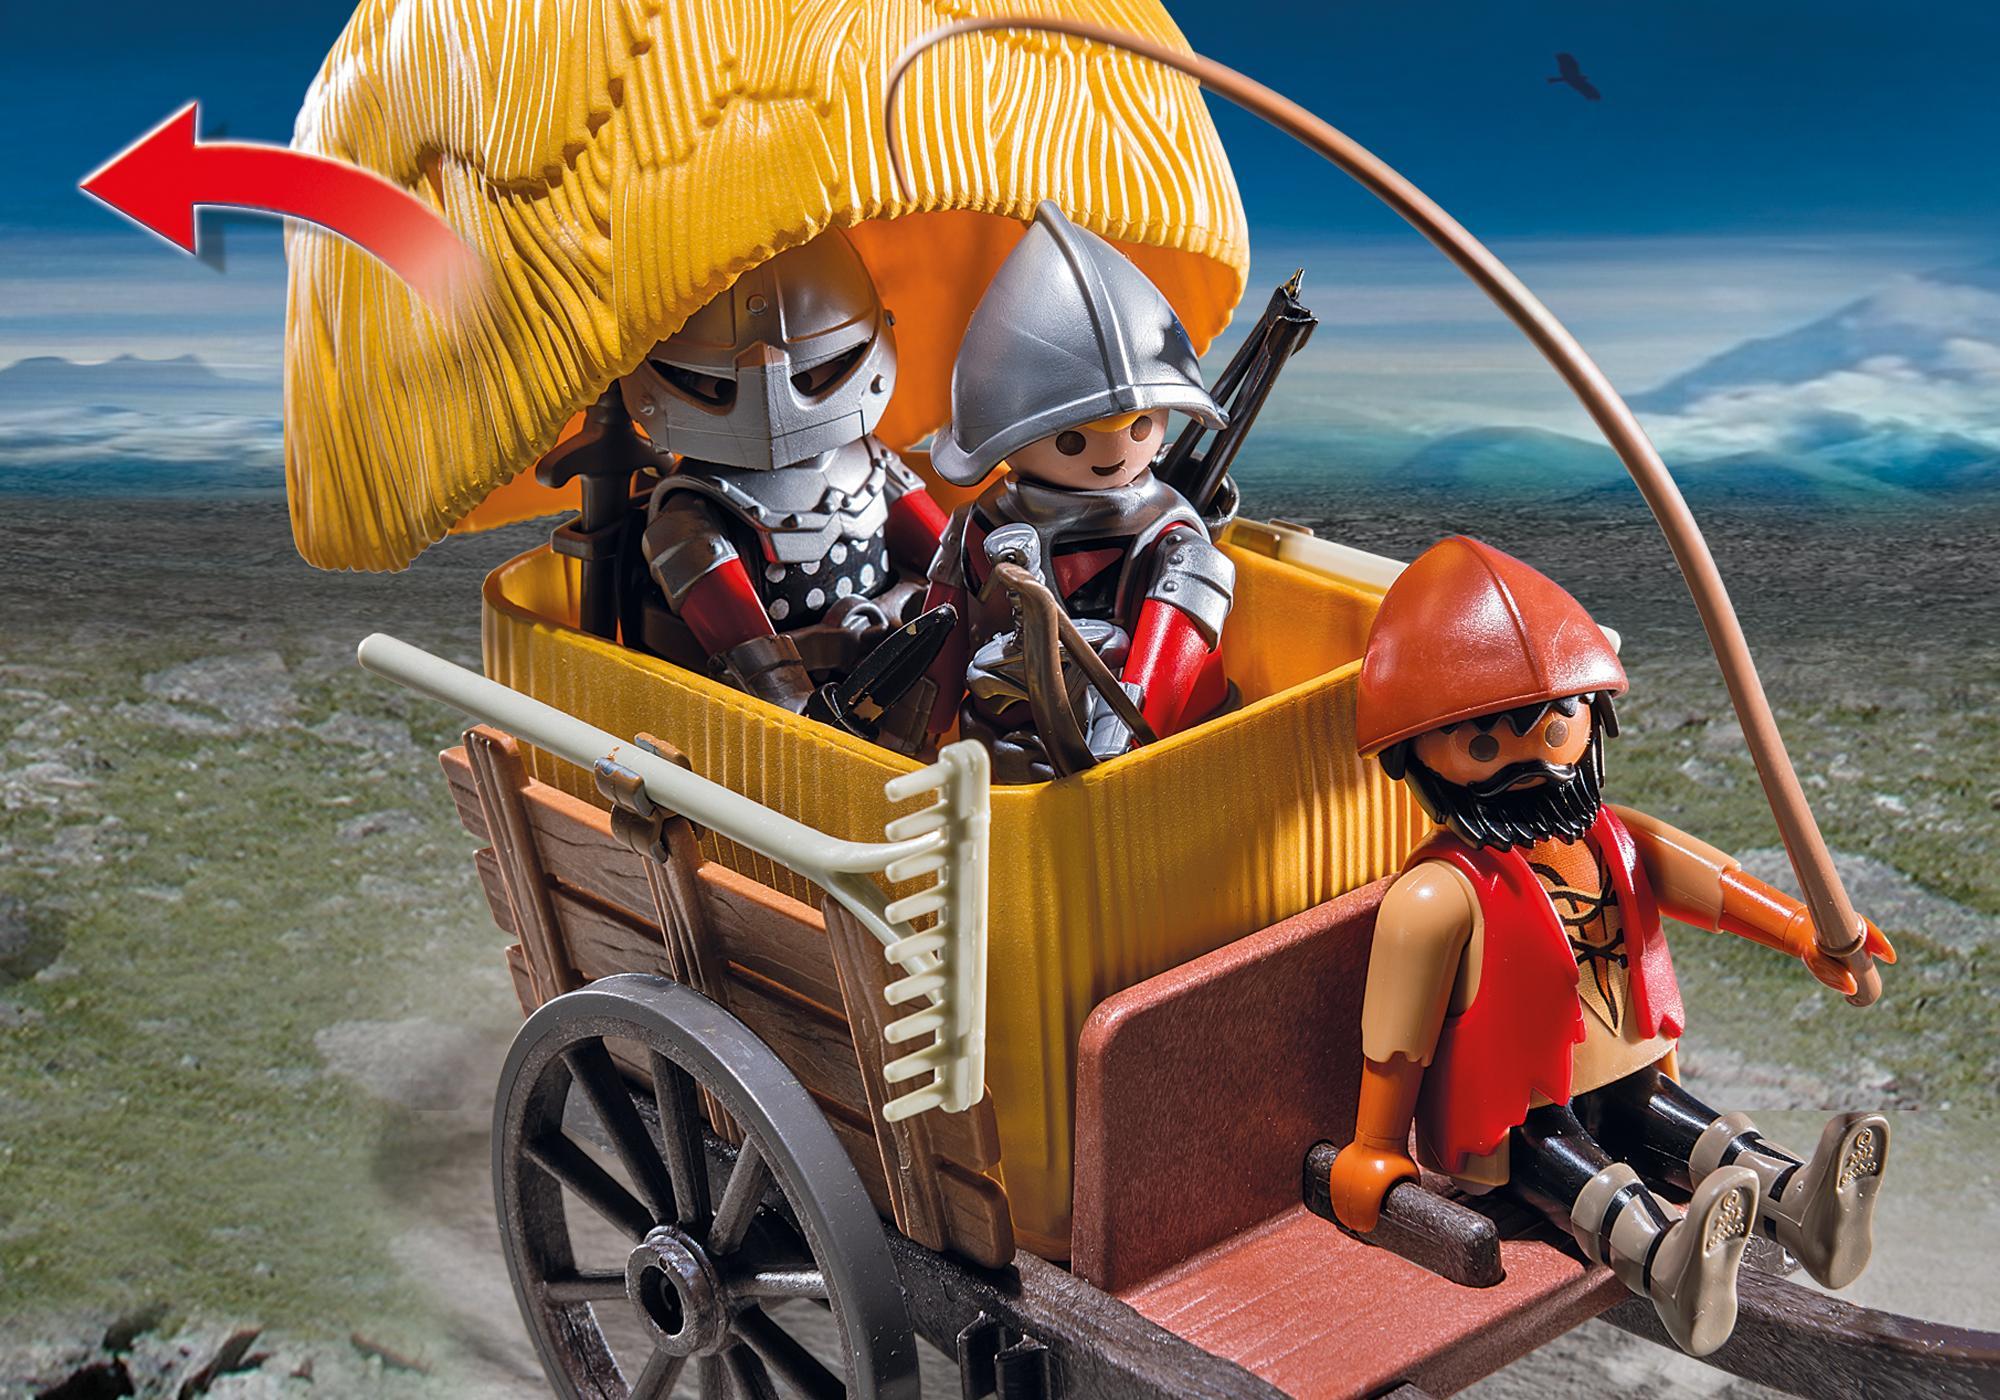 http://media.playmobil.com/i/playmobil/6005_product_extra3/Рыцари: Рыцари Сокола с камуфляжной повозкой